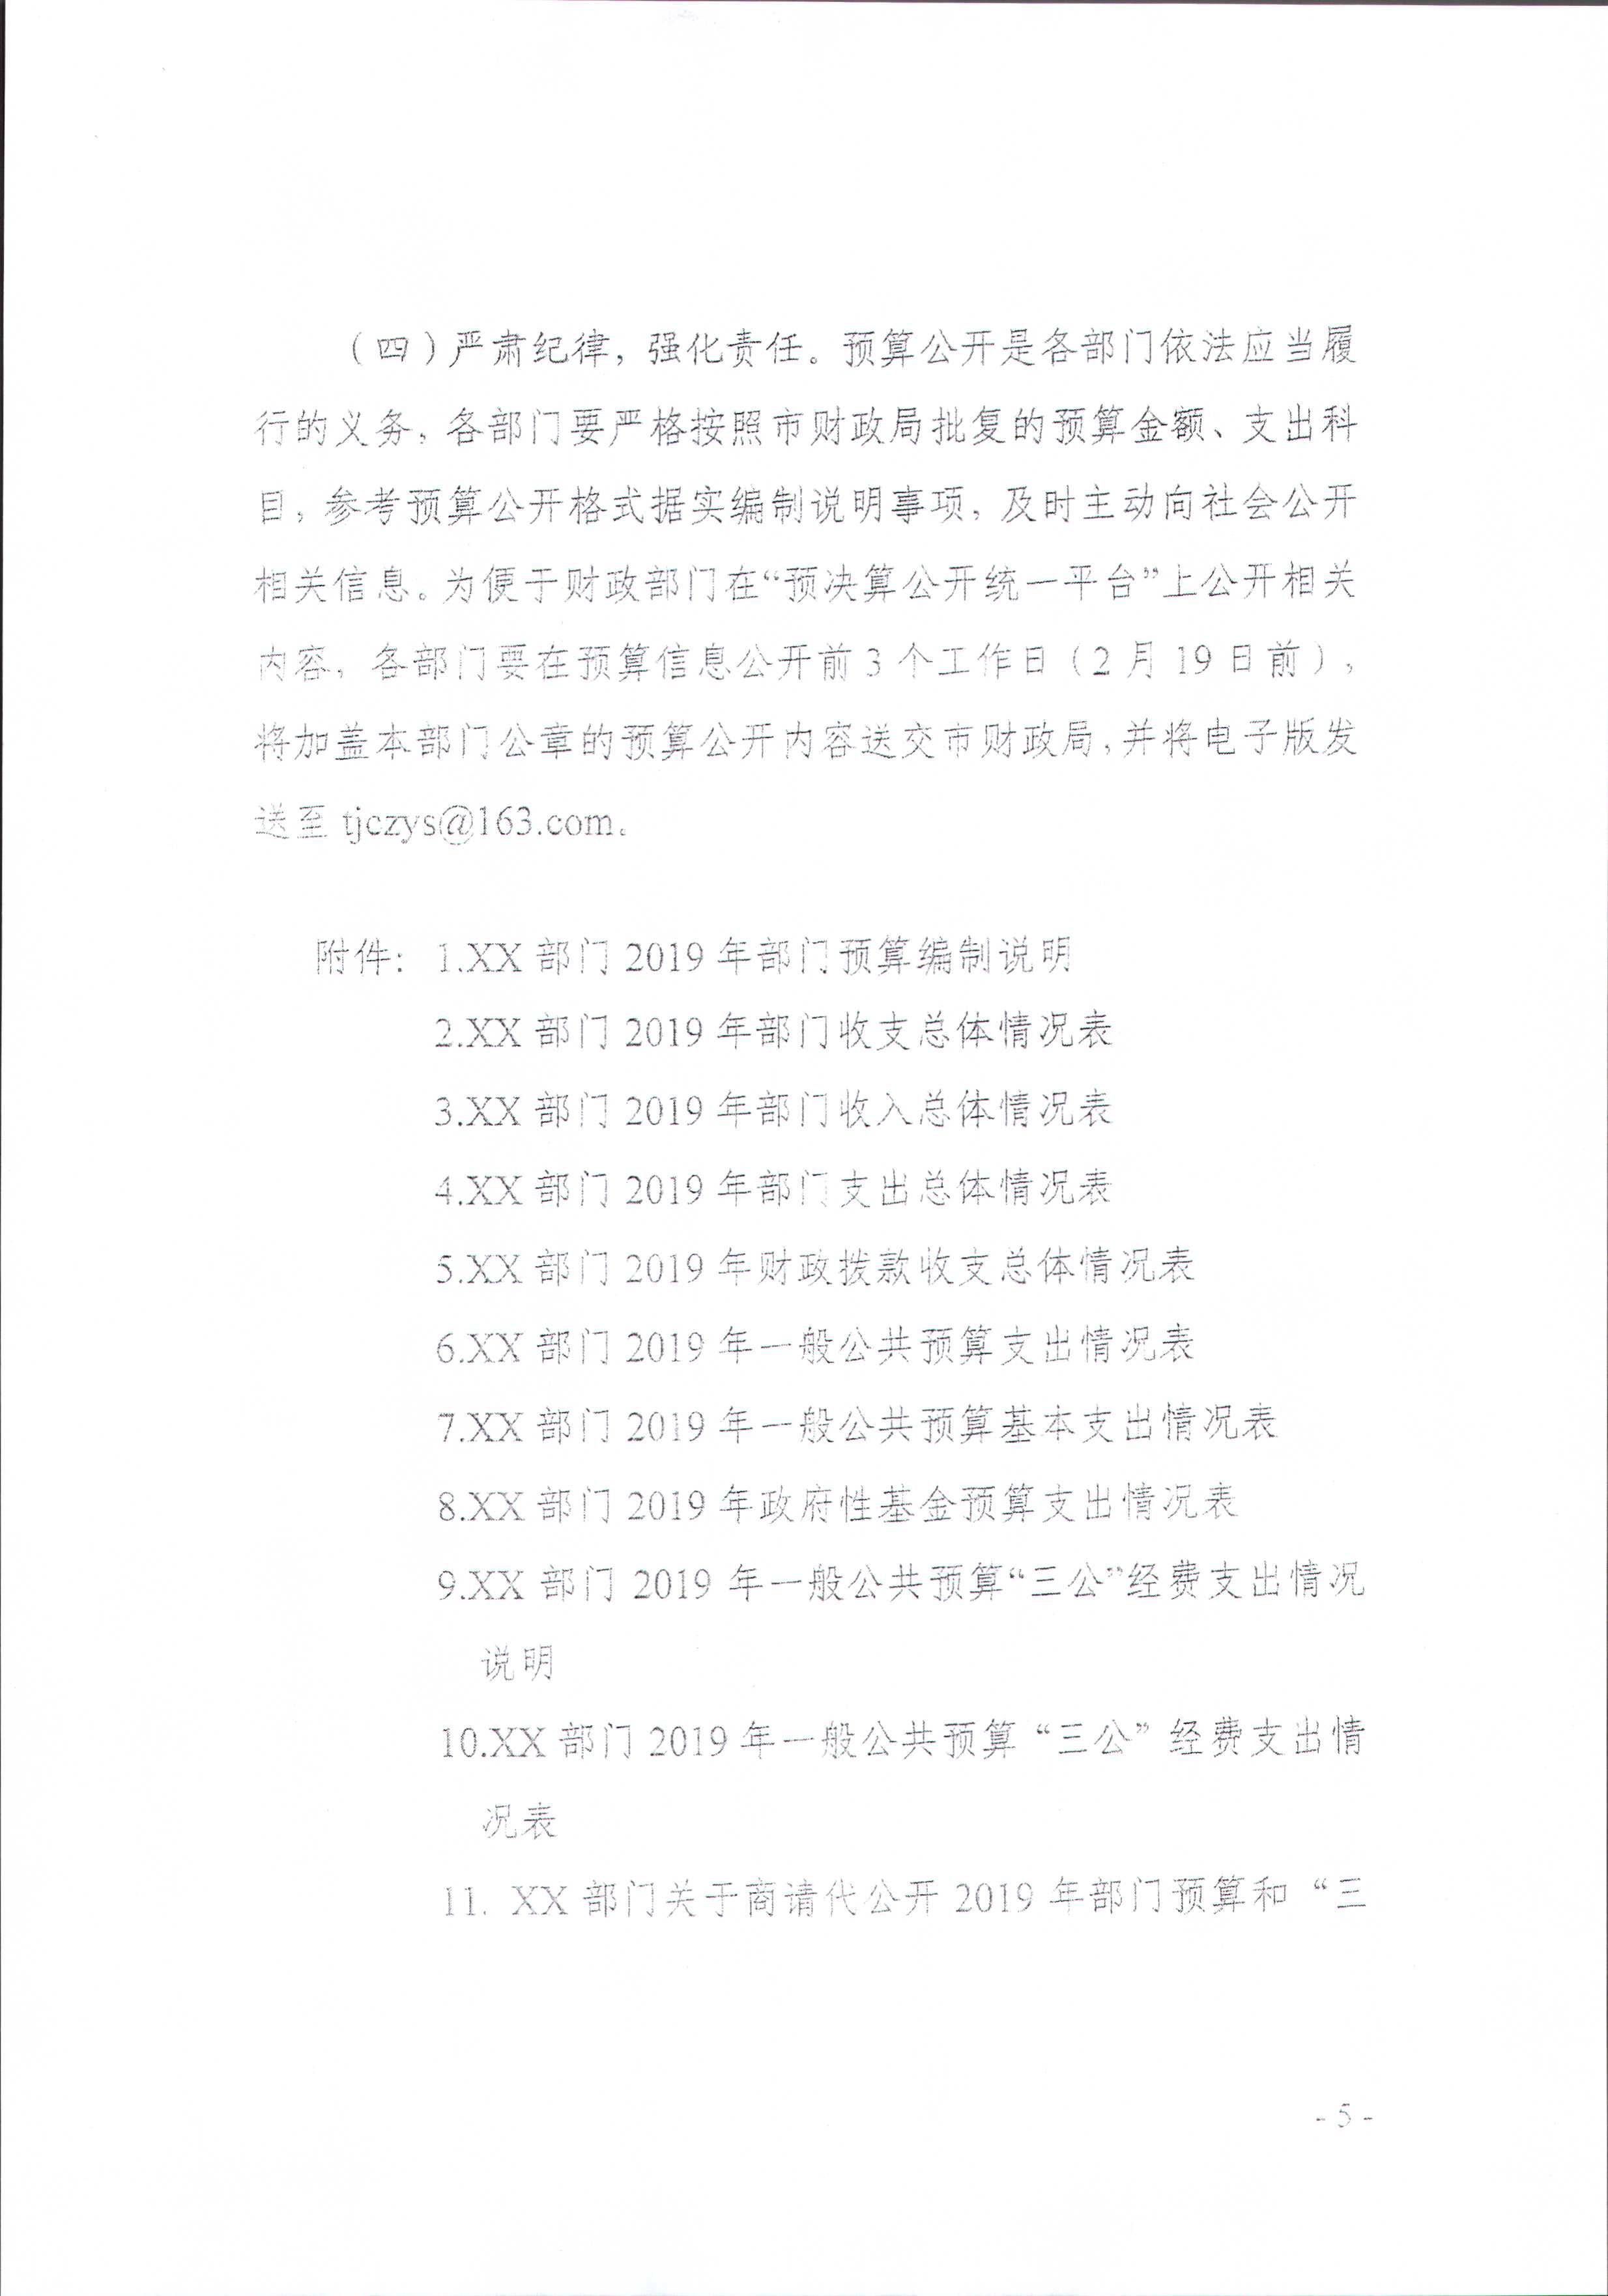 企业党建经费_天津食品集团有限公司